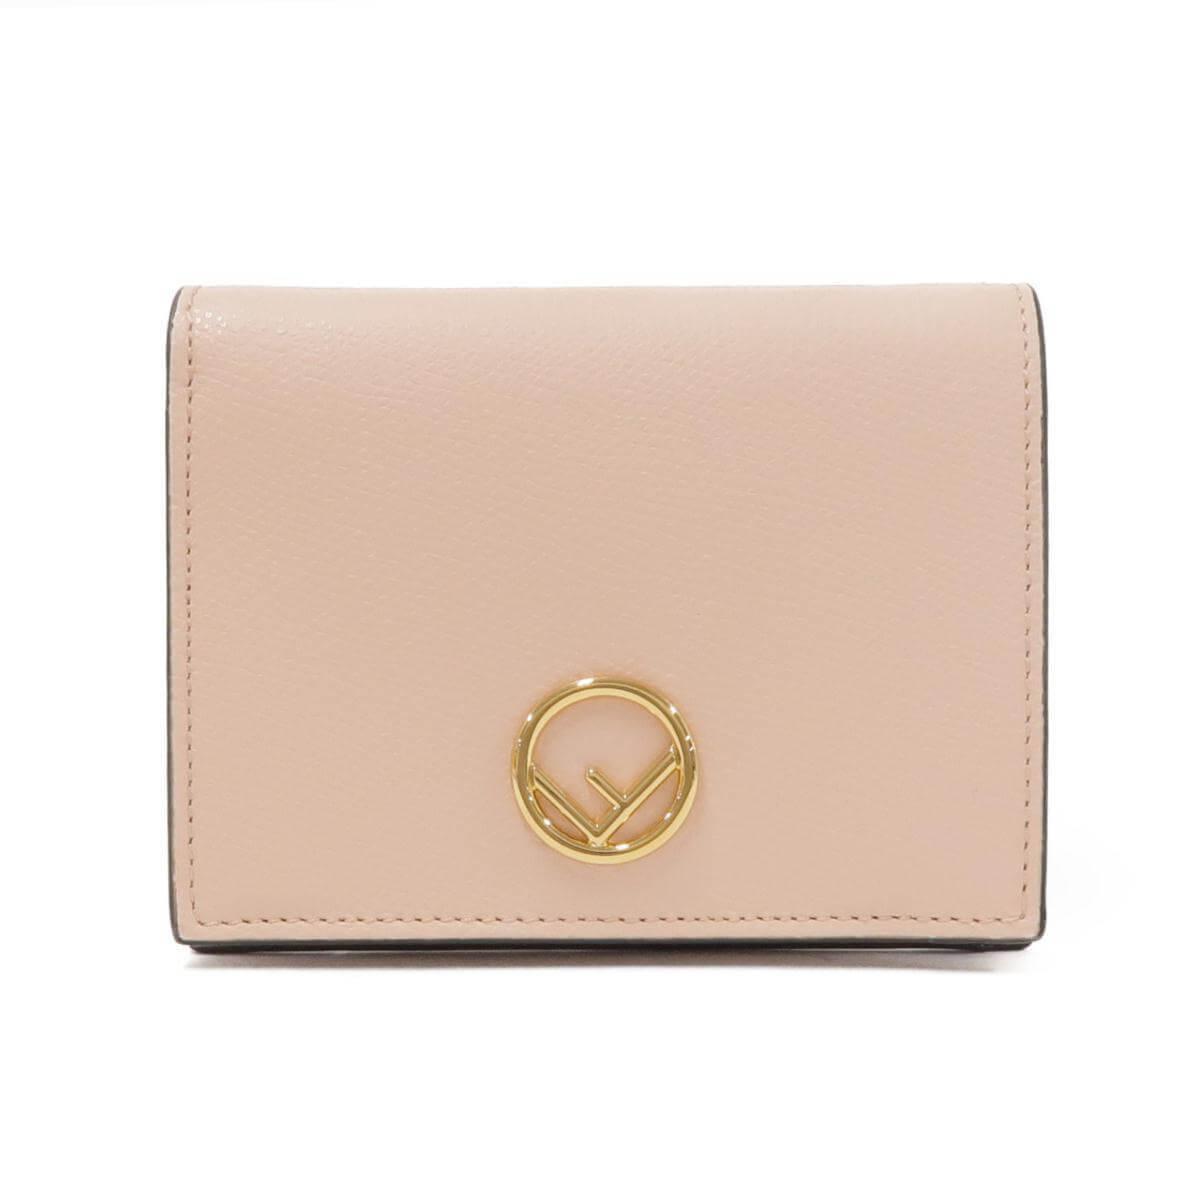 フェンディのベージュの財布